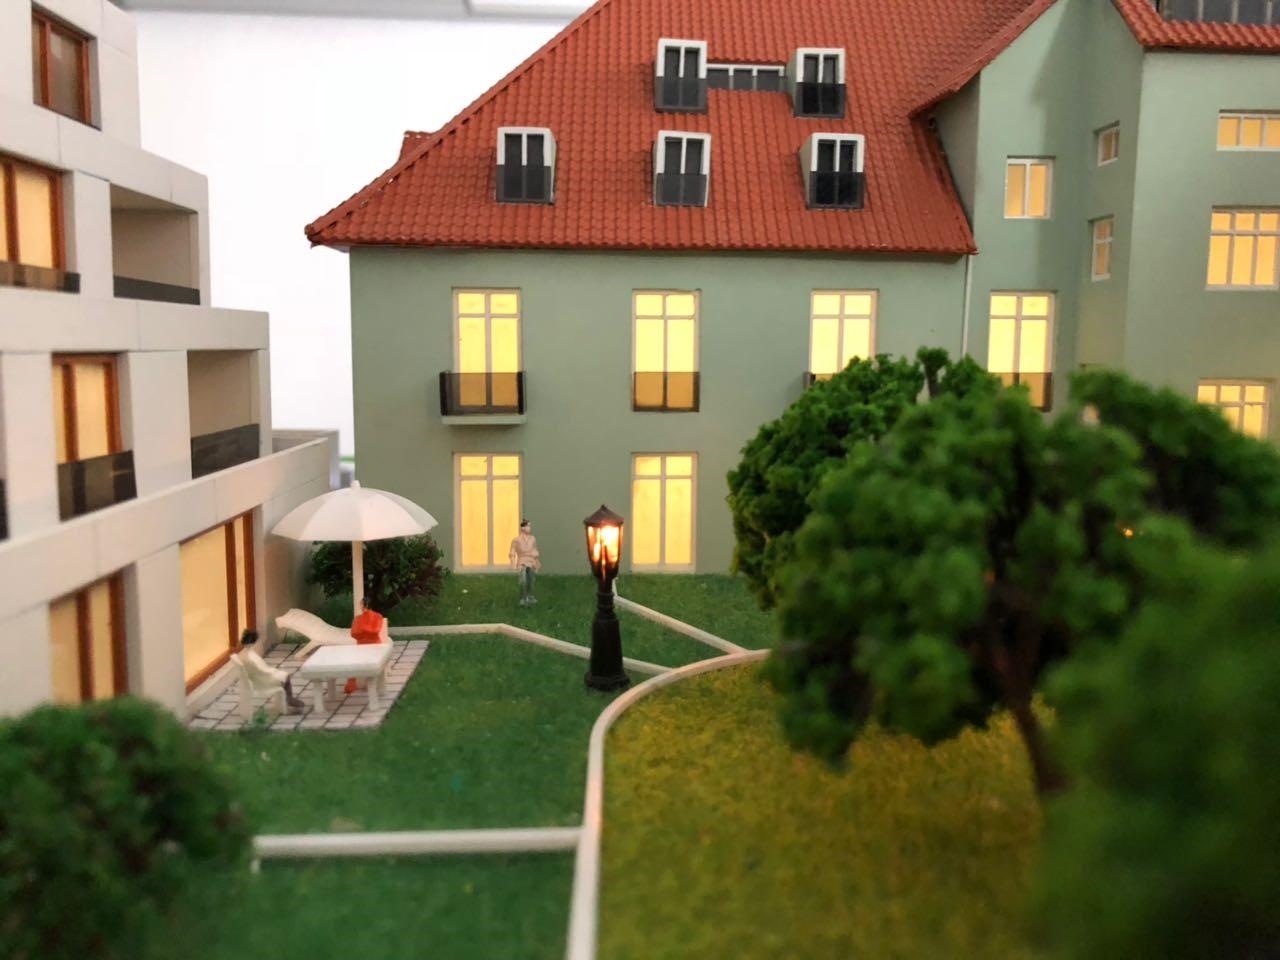 Modelle für Denkmal Sanierungen